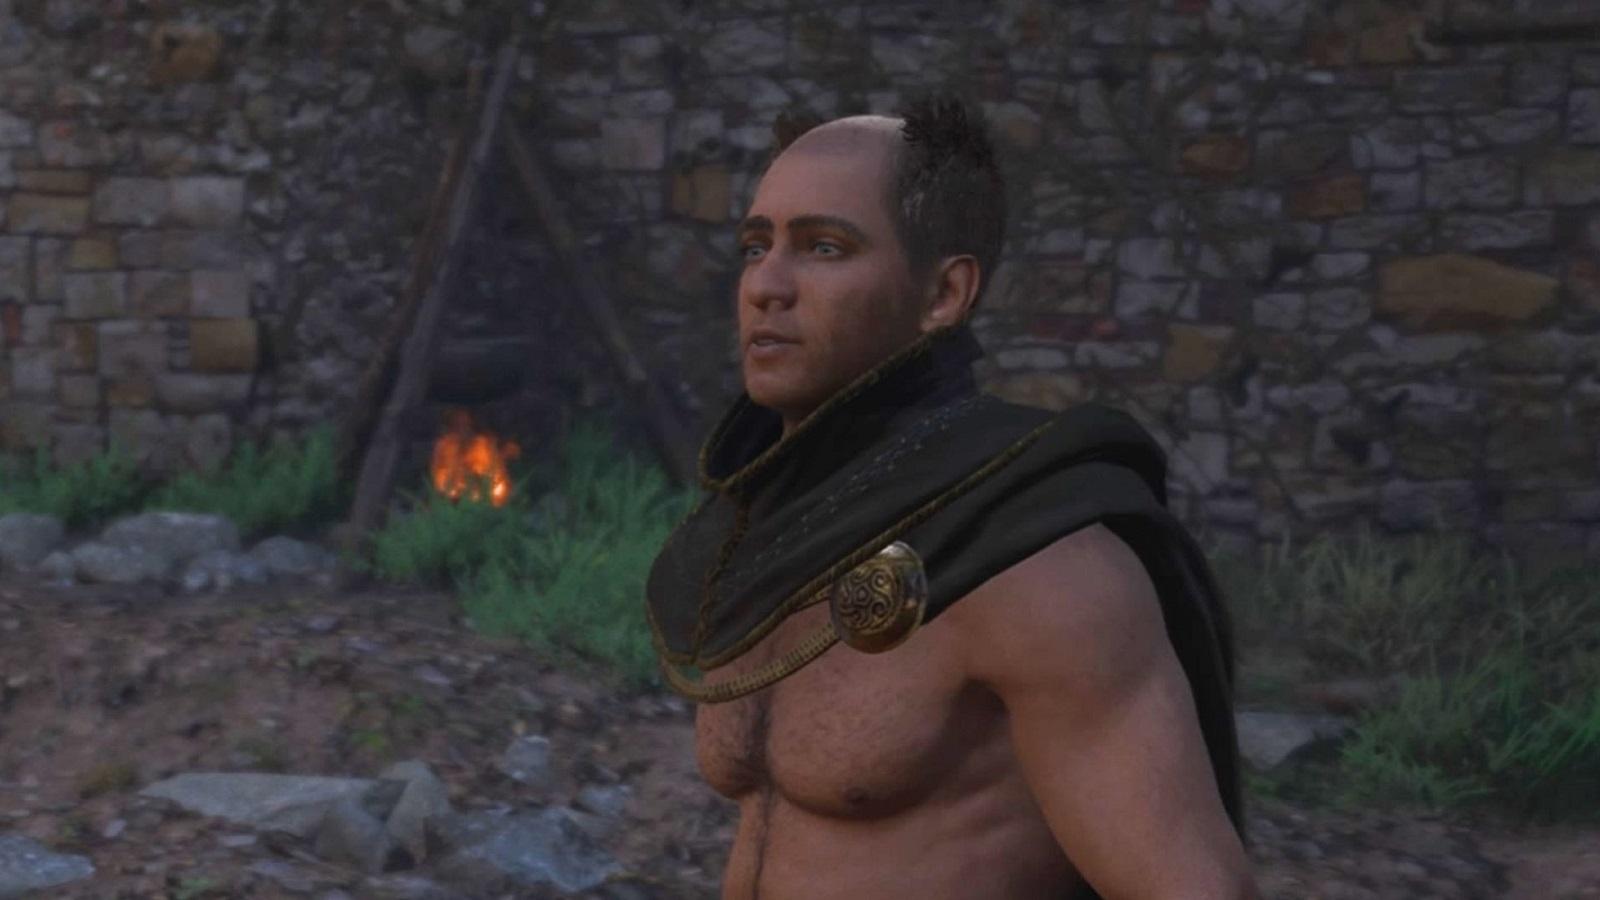 В Assassin's Creed Valhalla обнаружили целое событие-отсылку к вокалисту группы The Prodigy